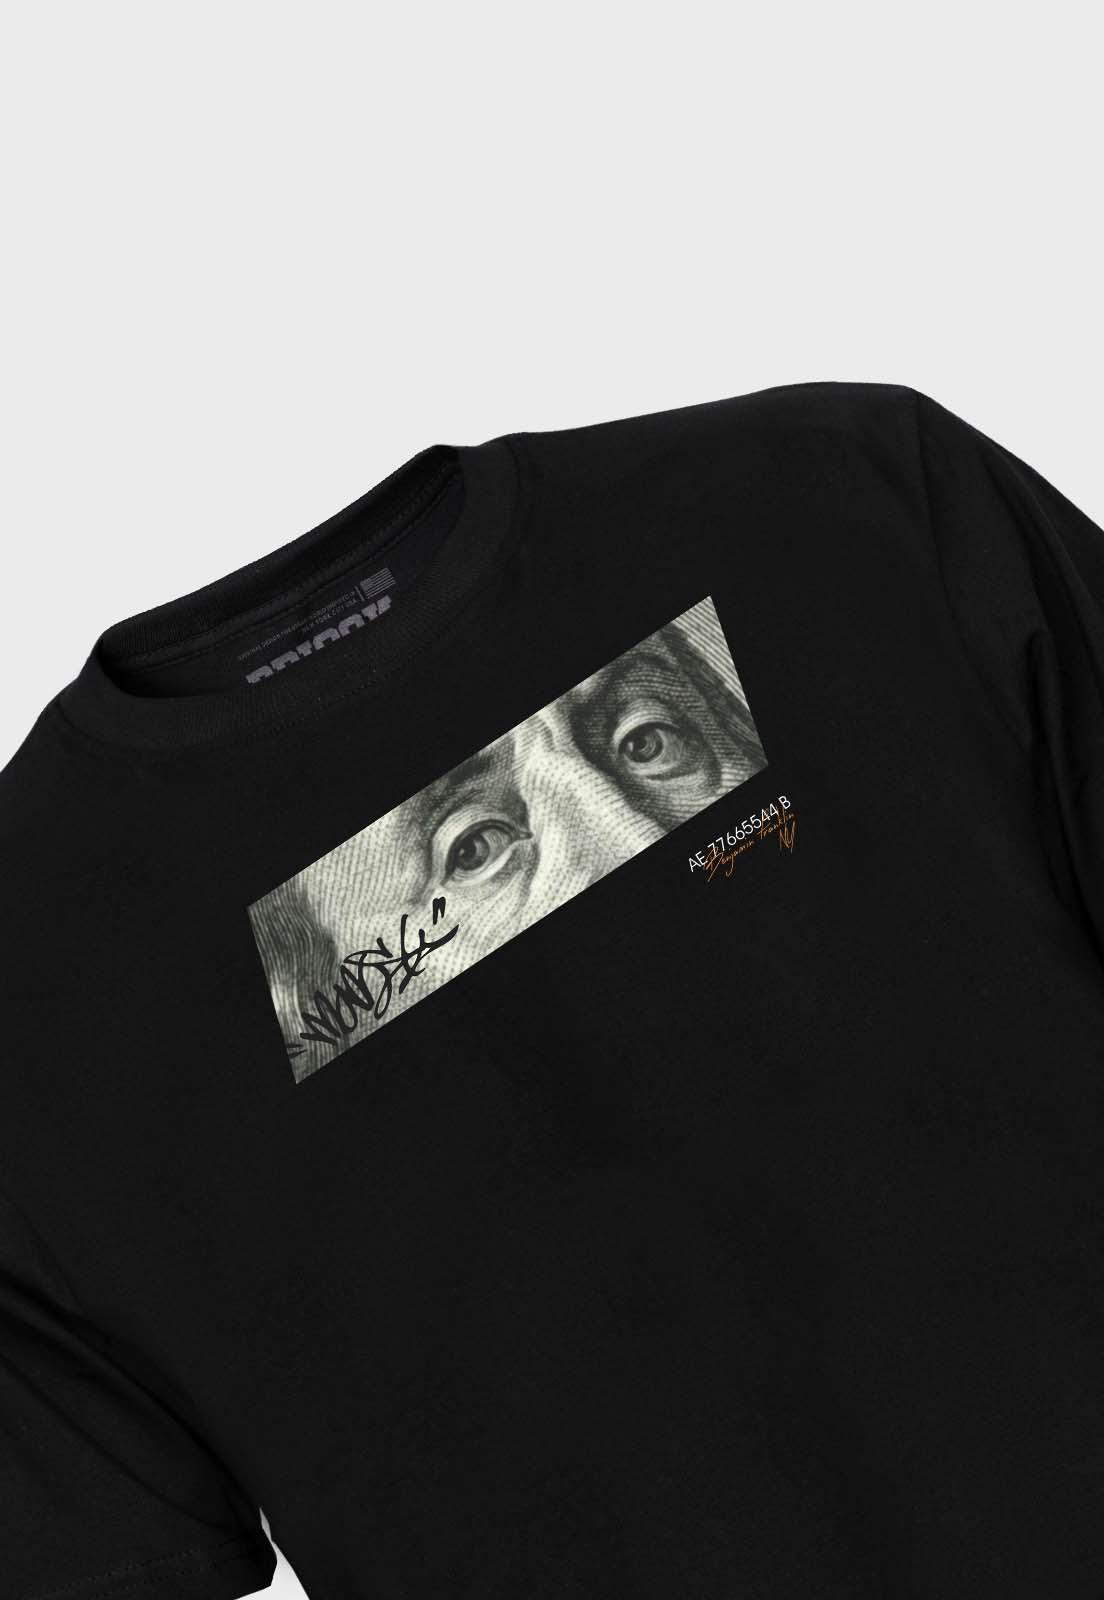 Camiseta Streetwear Prison Benjamin Franklin